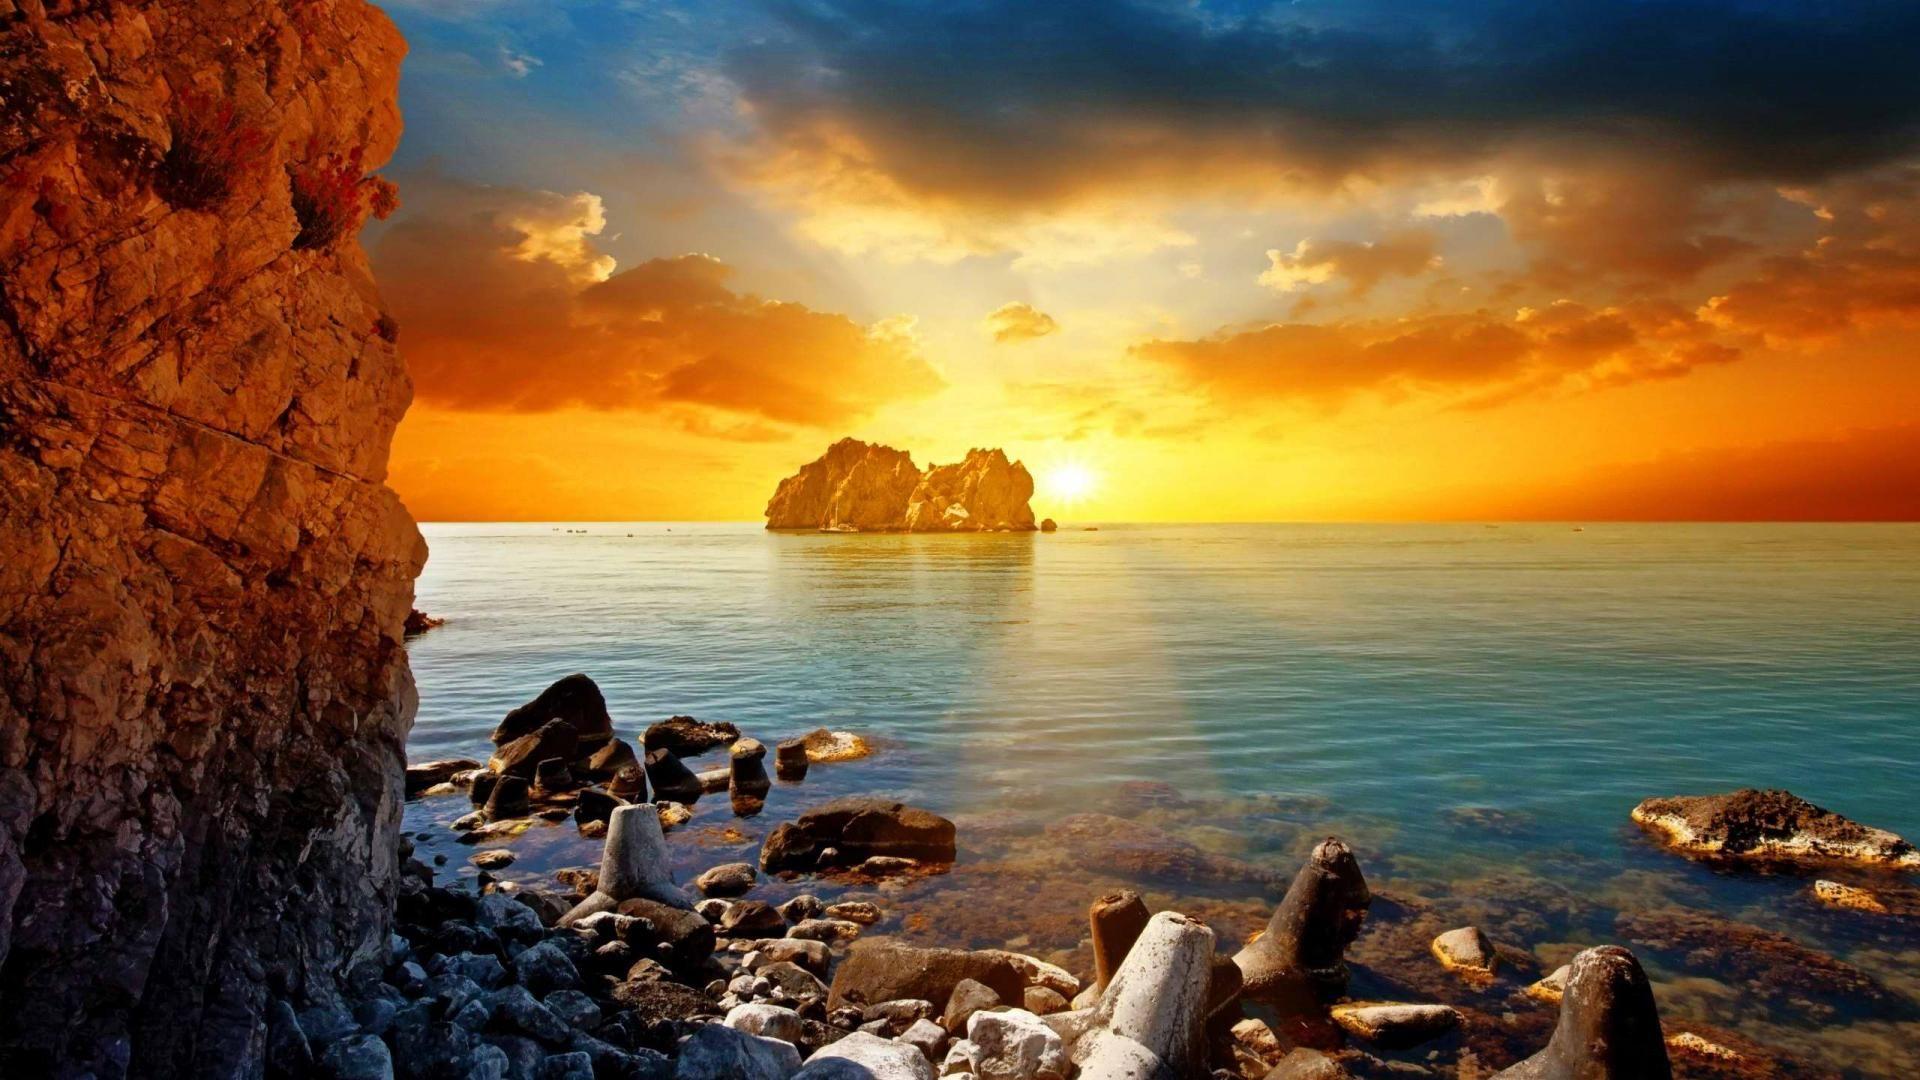 Картинки море с природой, для